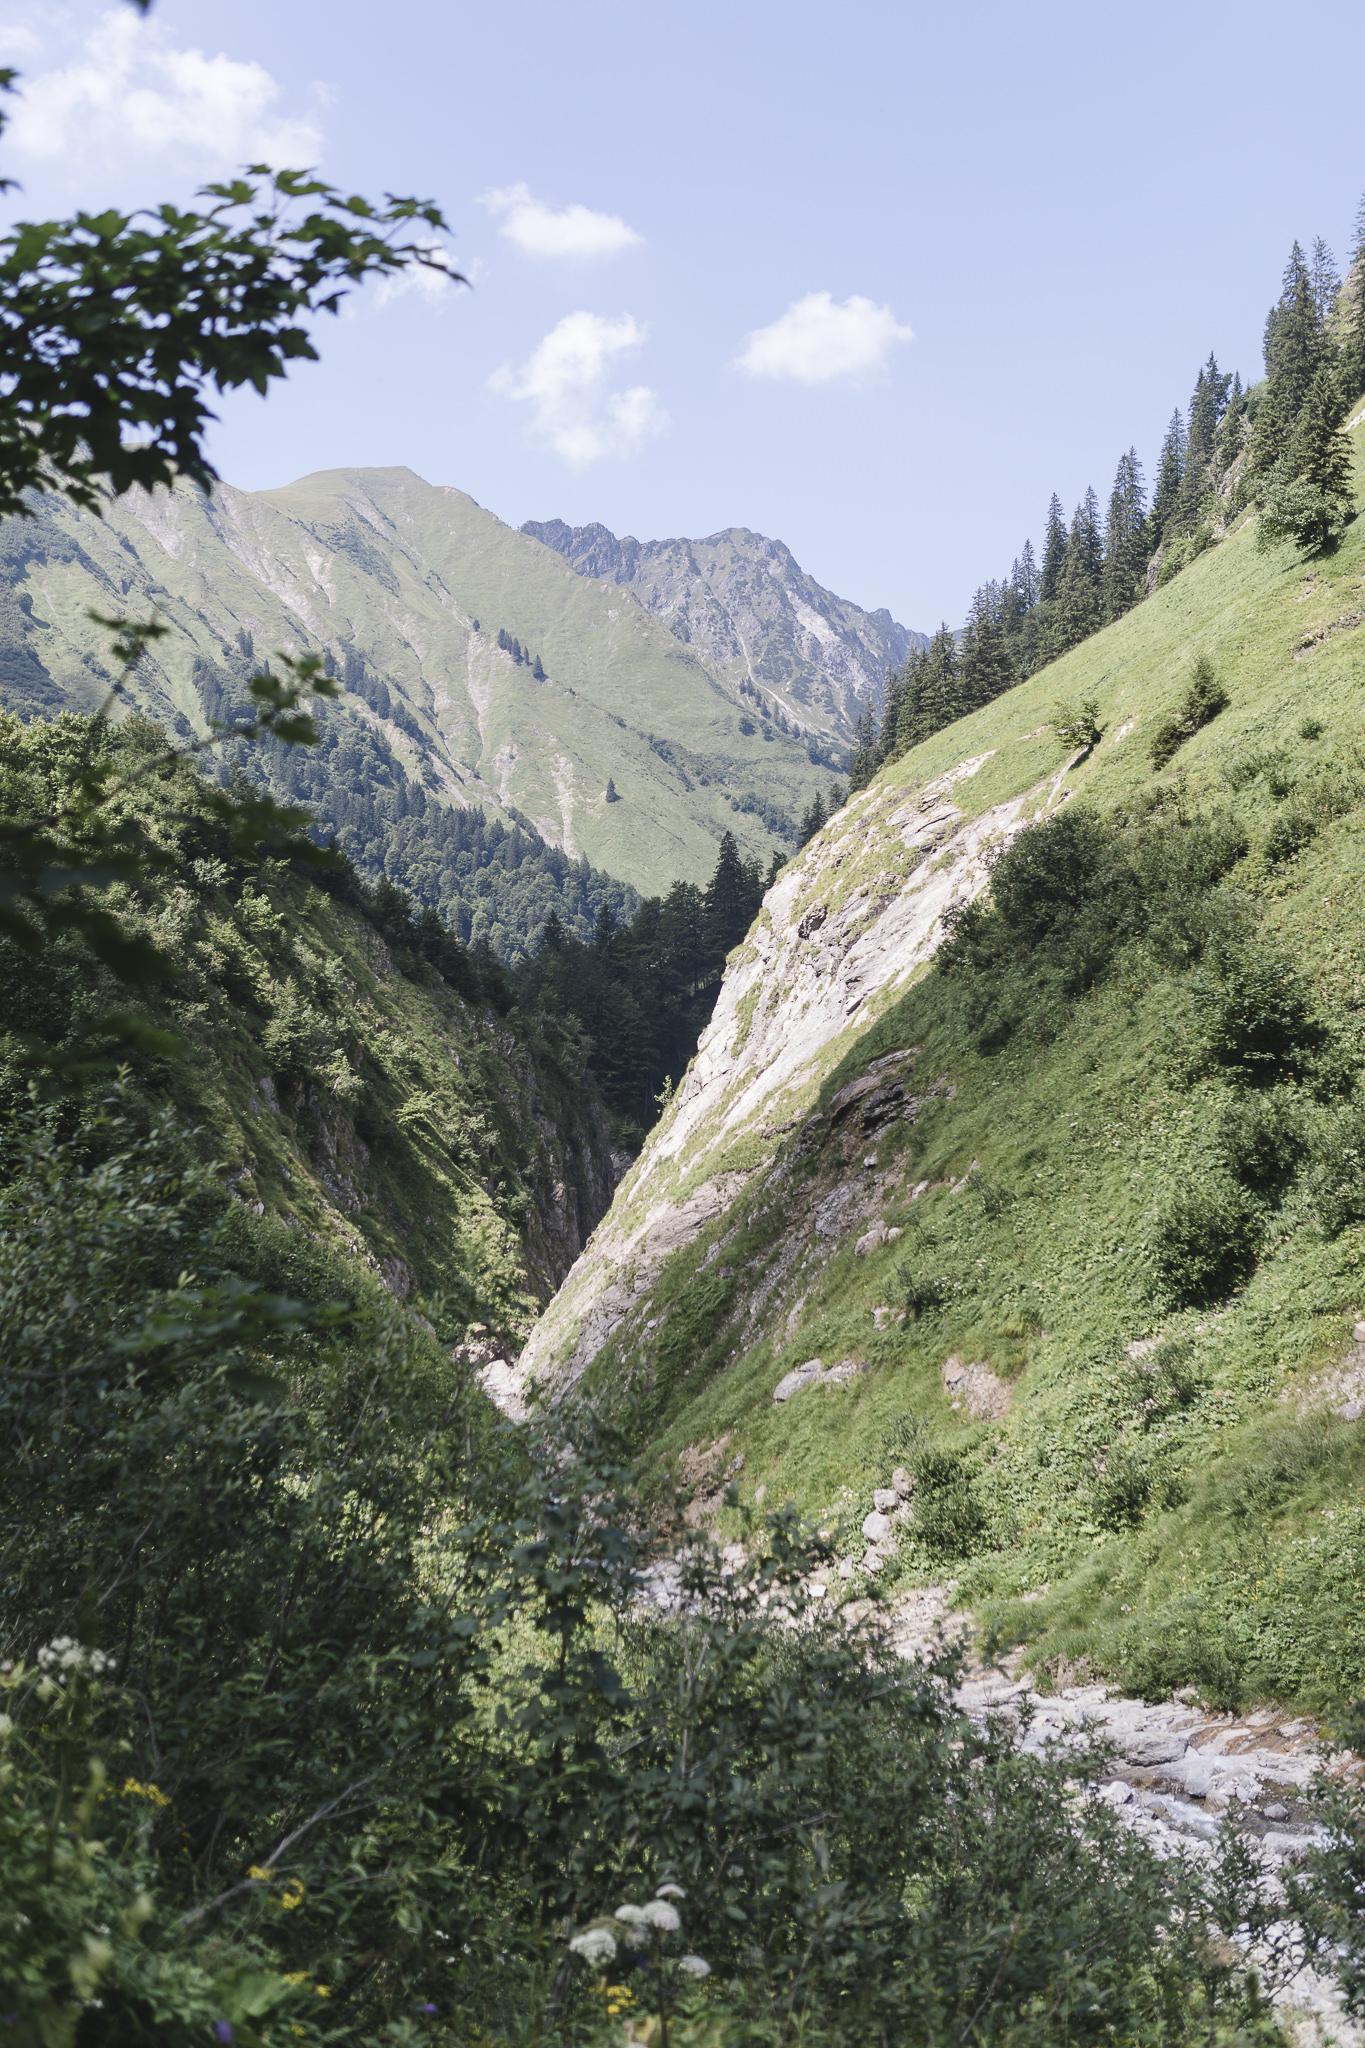 Alpenüberquerung - los geht's in Spielmannsau